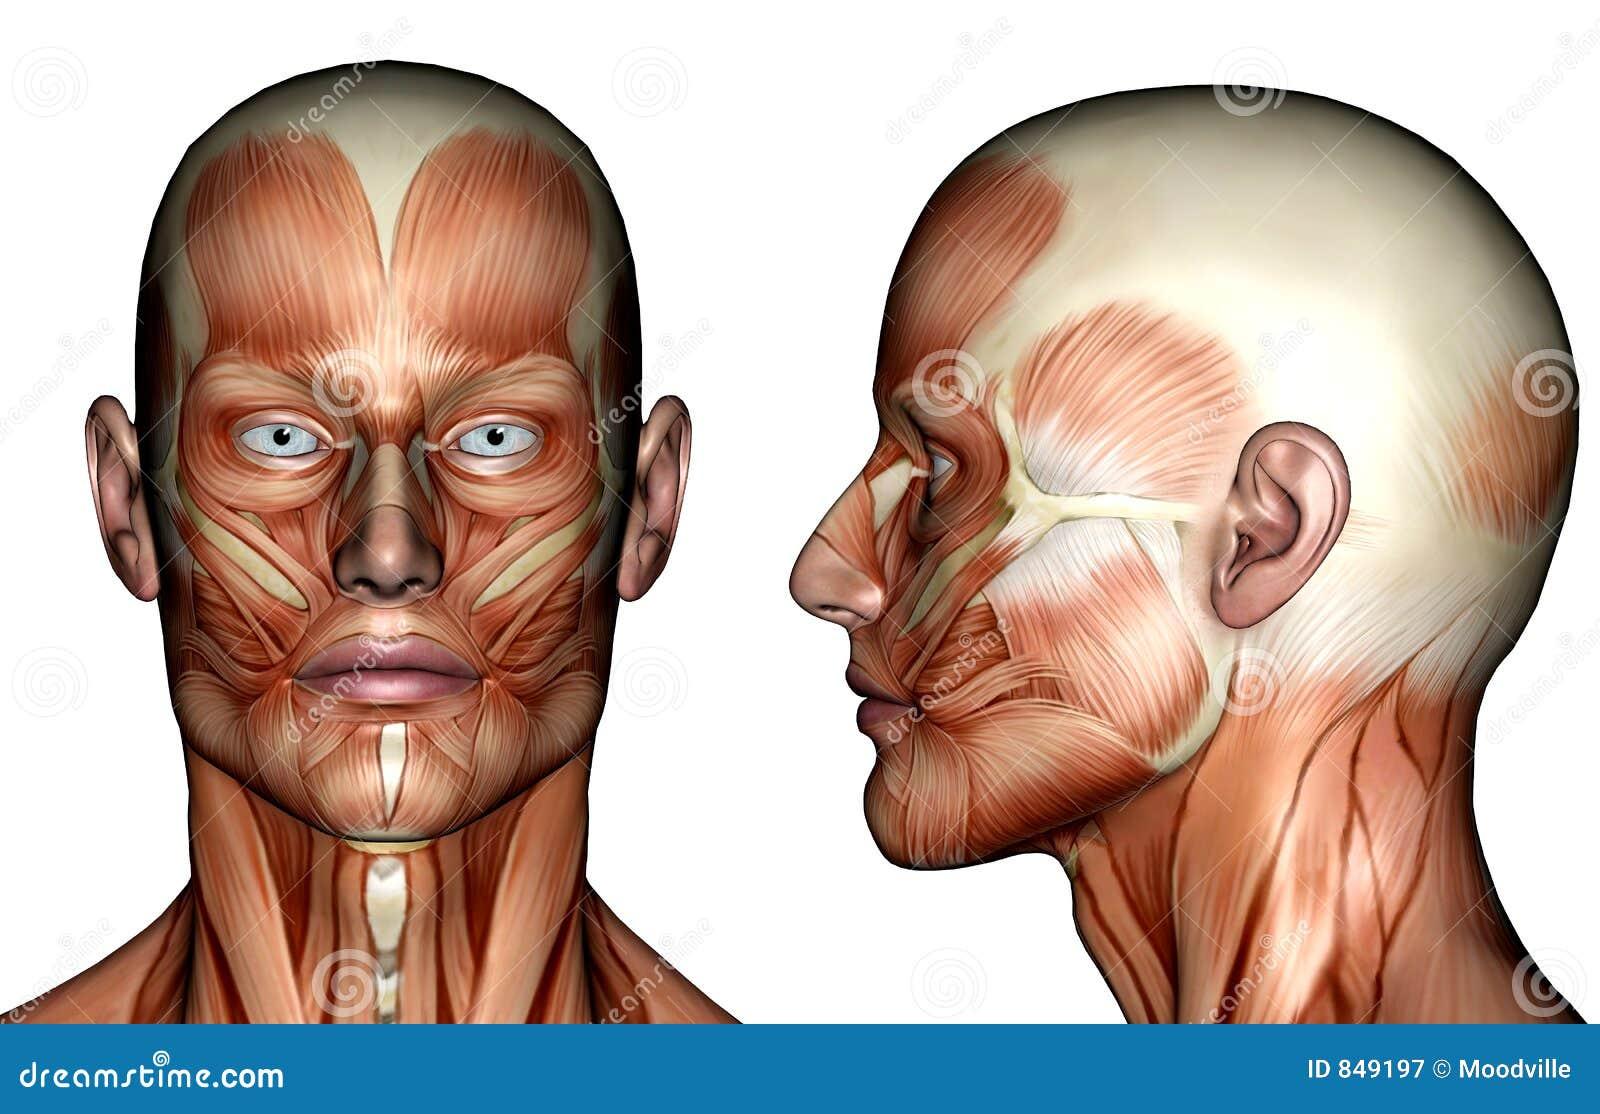 Abbildung - Gesichts-Muskeln Stock Abbildung - Illustration von ...